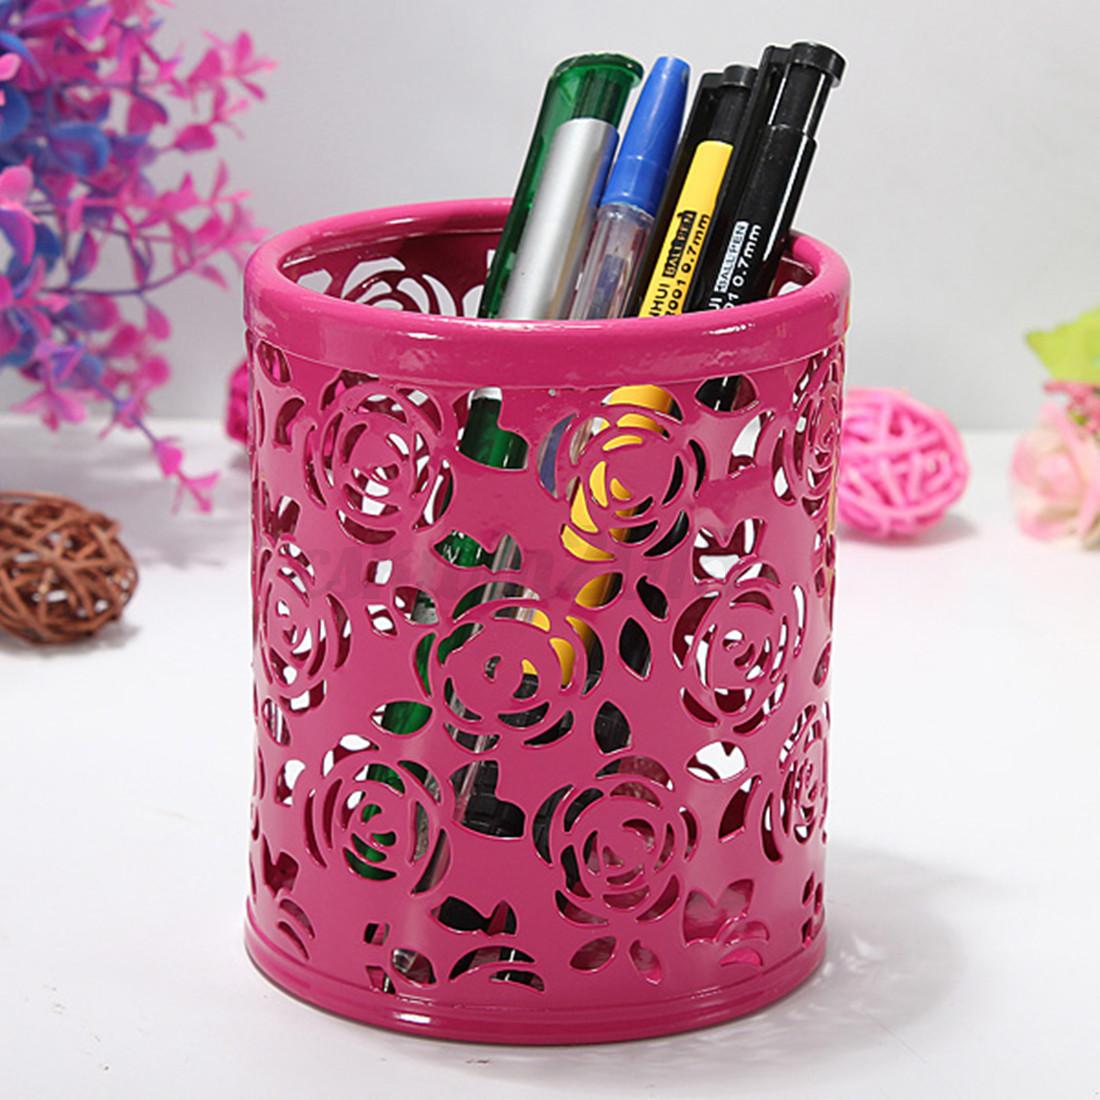 Stylo-Pot-a-crayons-Maquillage-Brosse-Creative-Manique-Bureau-Papeterie-Bureau